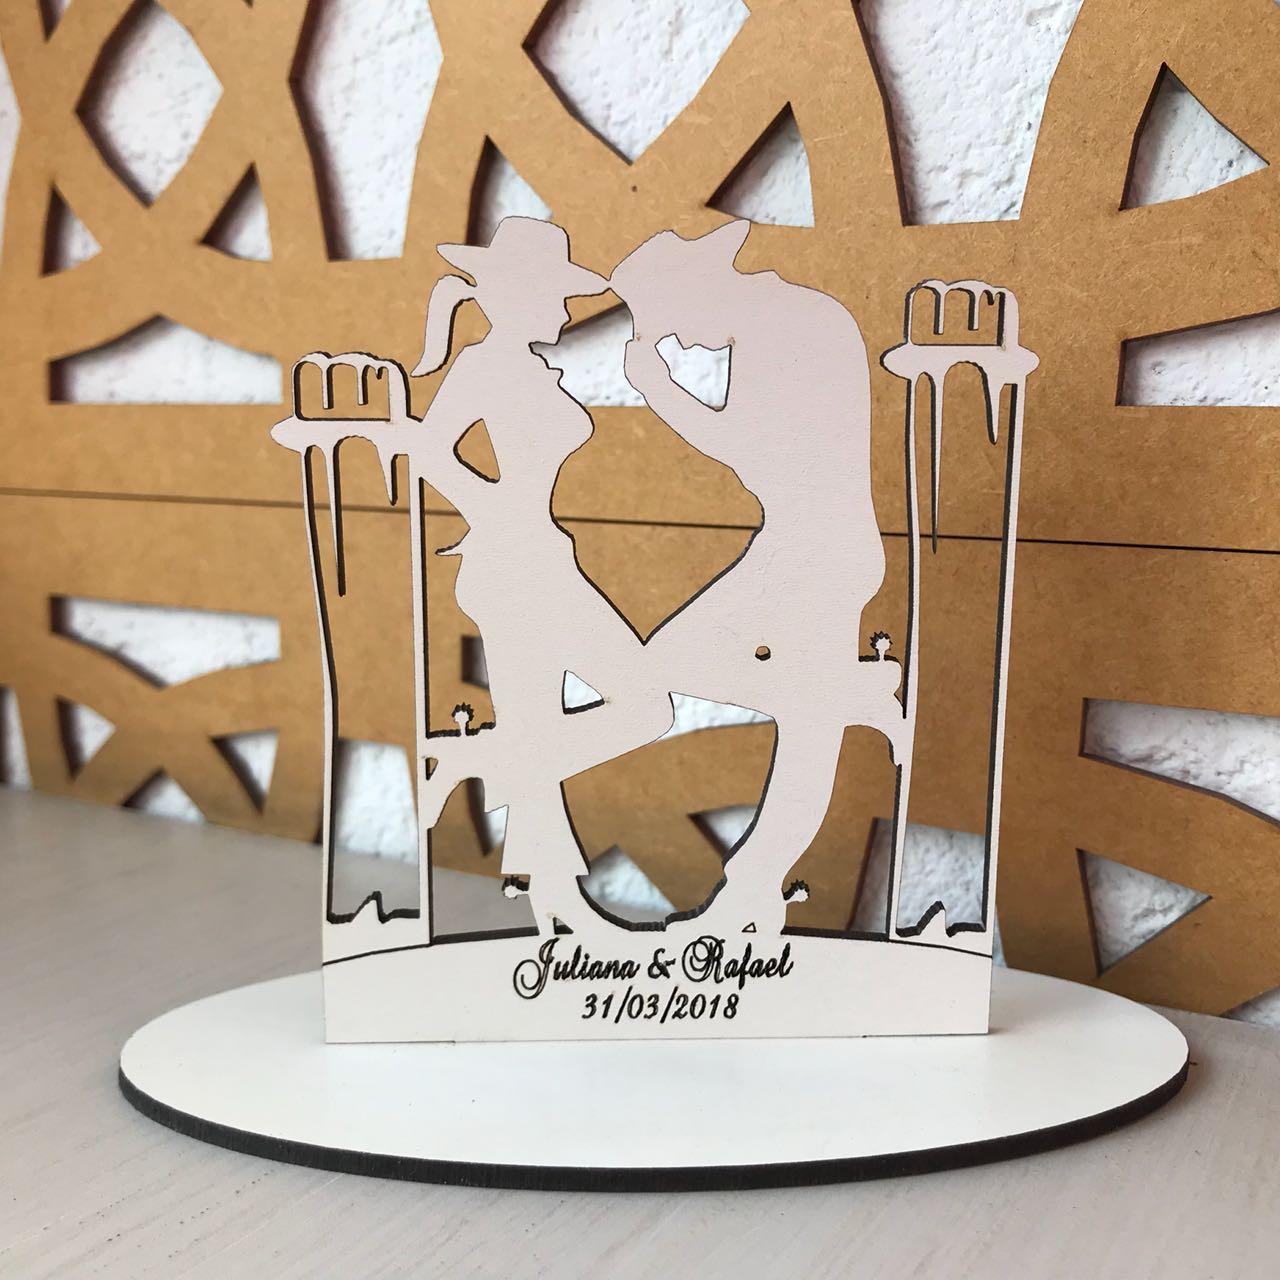 Ref. 010 - Topo de Bolo MDF Branco Coração Alianças Noivos Casamento 15cm Country Cowboy